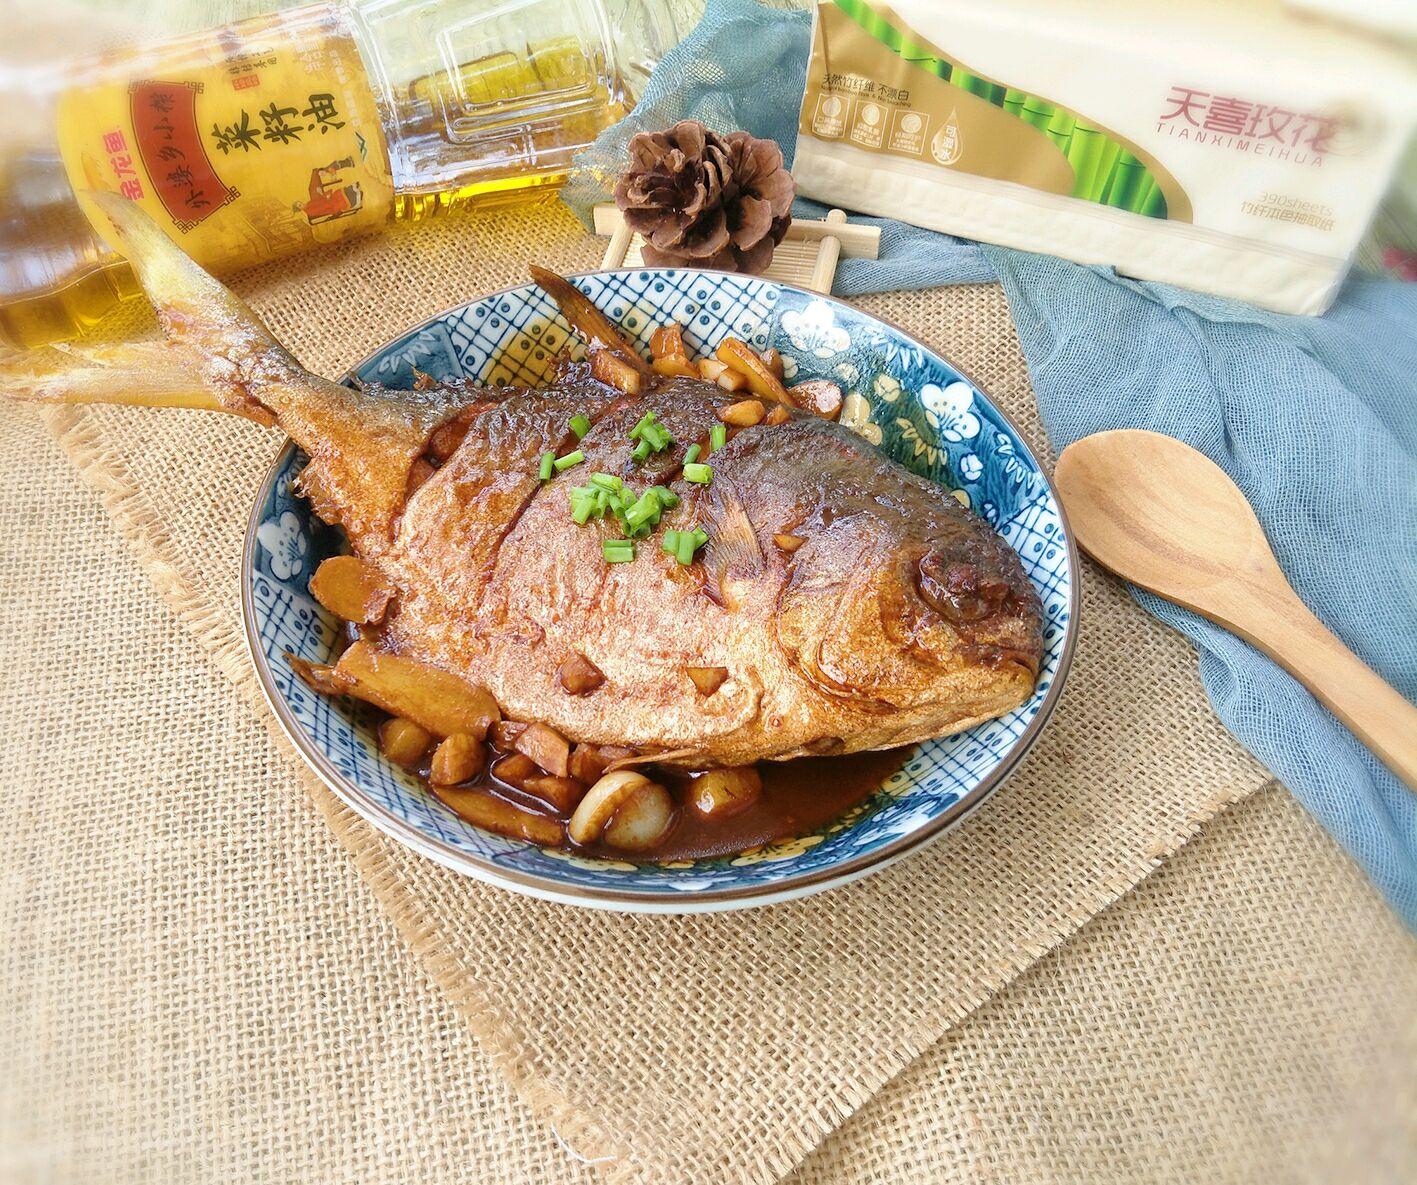 红烧金家乡#金龙鱼鲳鱼乡小榨菜籽油最强牛尾菜大全汤下奶外婆做法2014图片